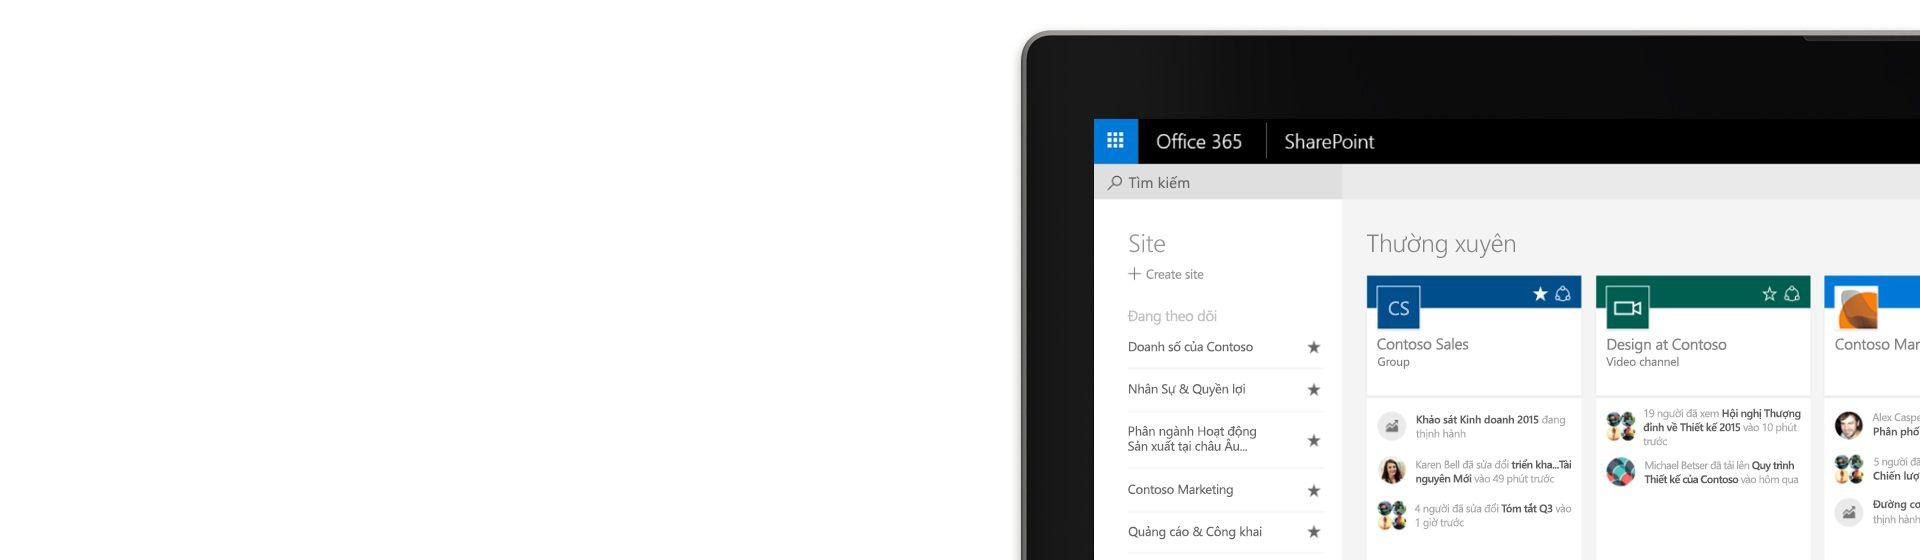 Một góc màn hình máy tính xách tay hiển thị Office 365 SharePoint dành cho Contoso